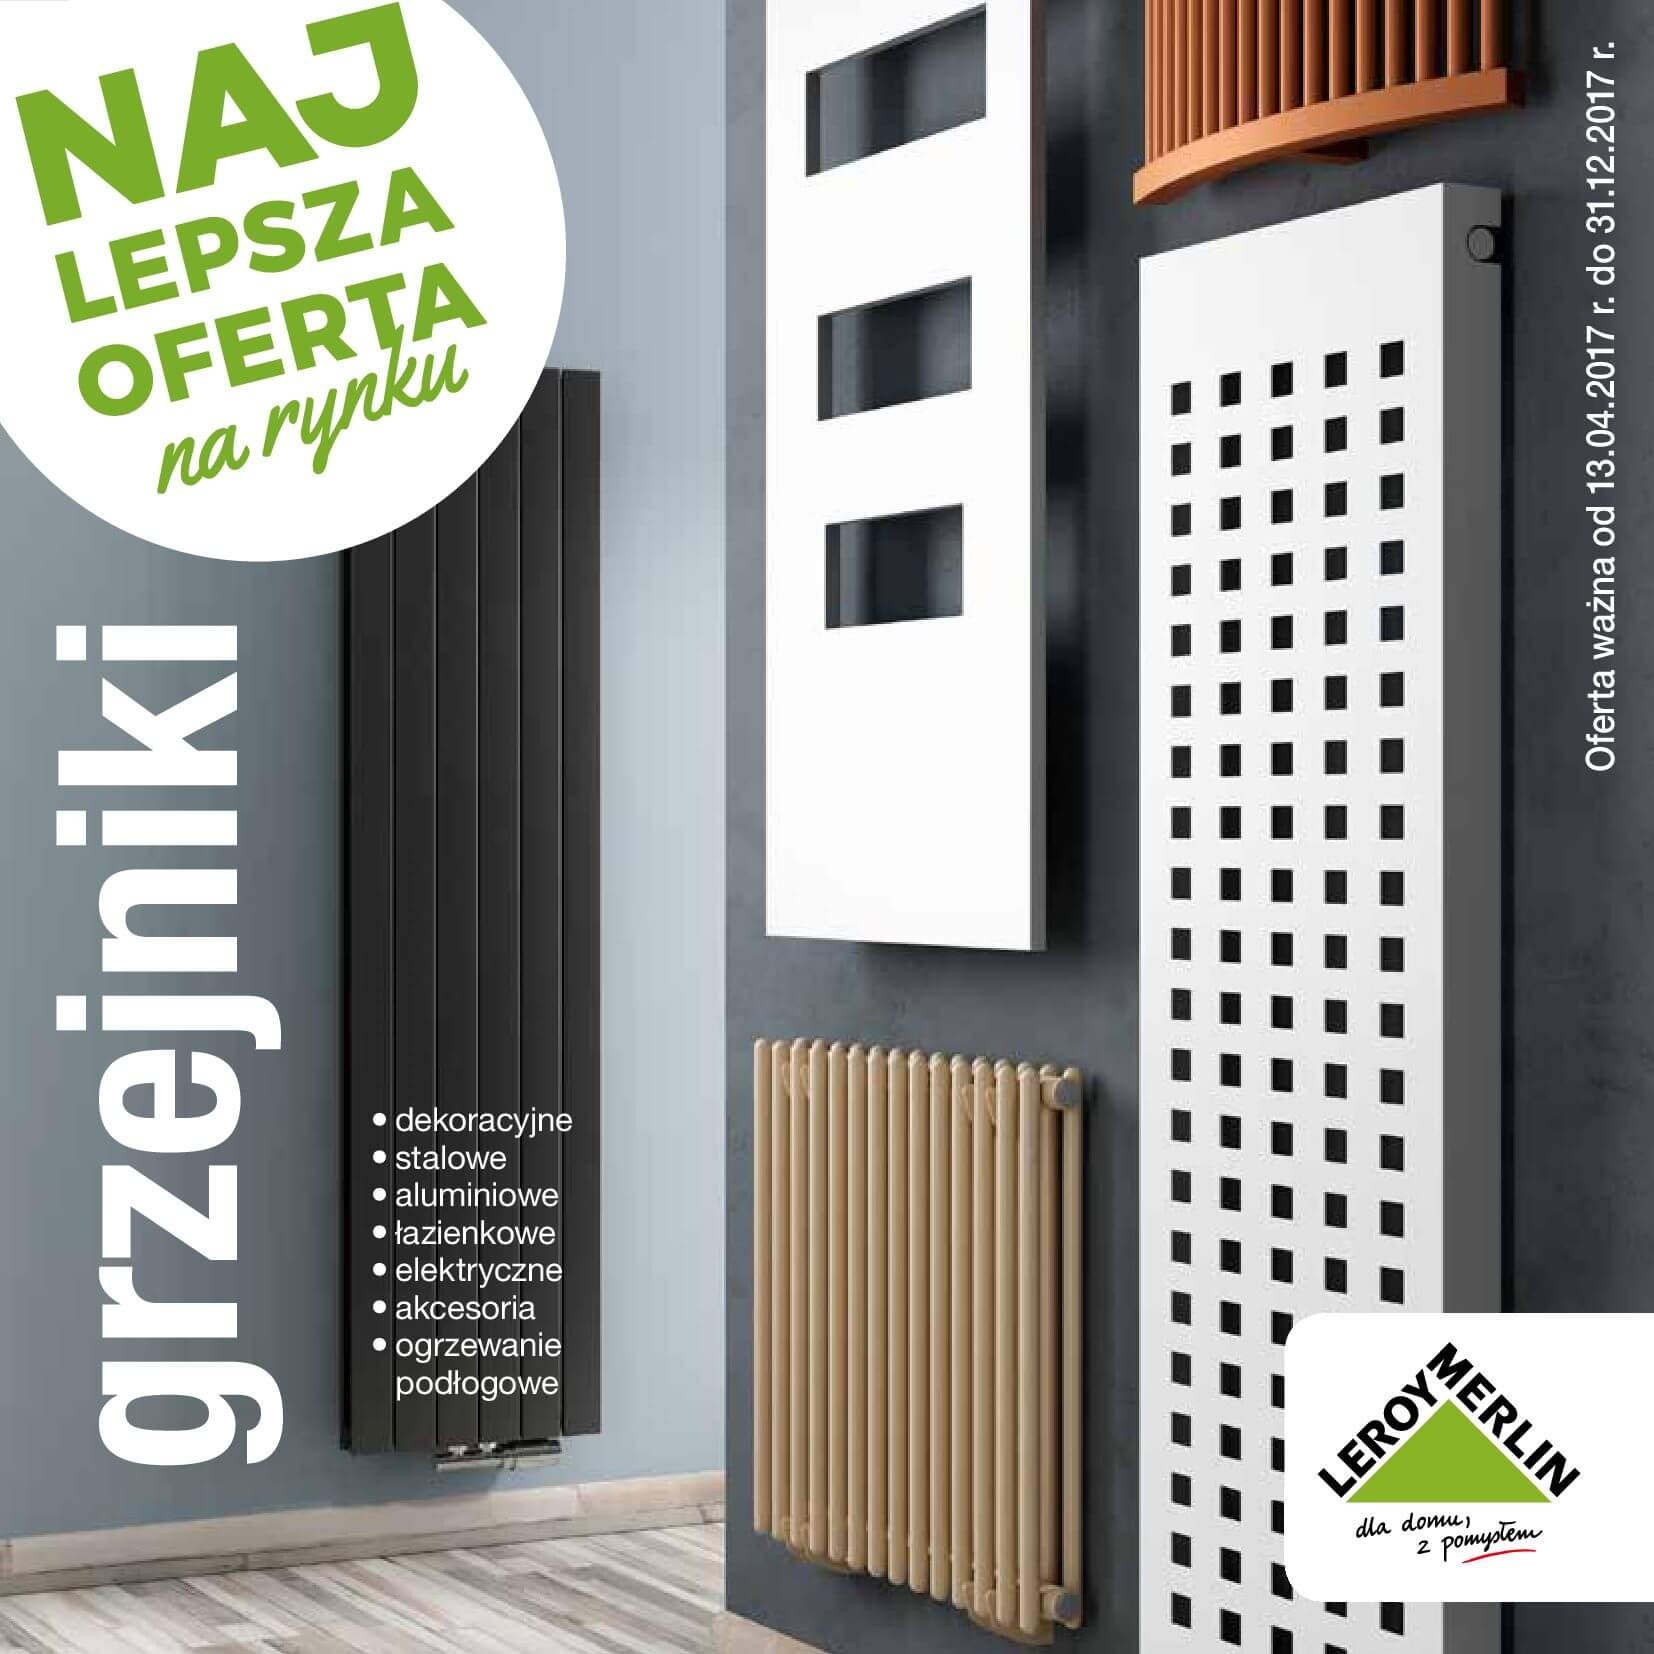 Gazetka Leroy Merlin - Katalog grzejniki-12.04.2017-31.12.2017-page-1